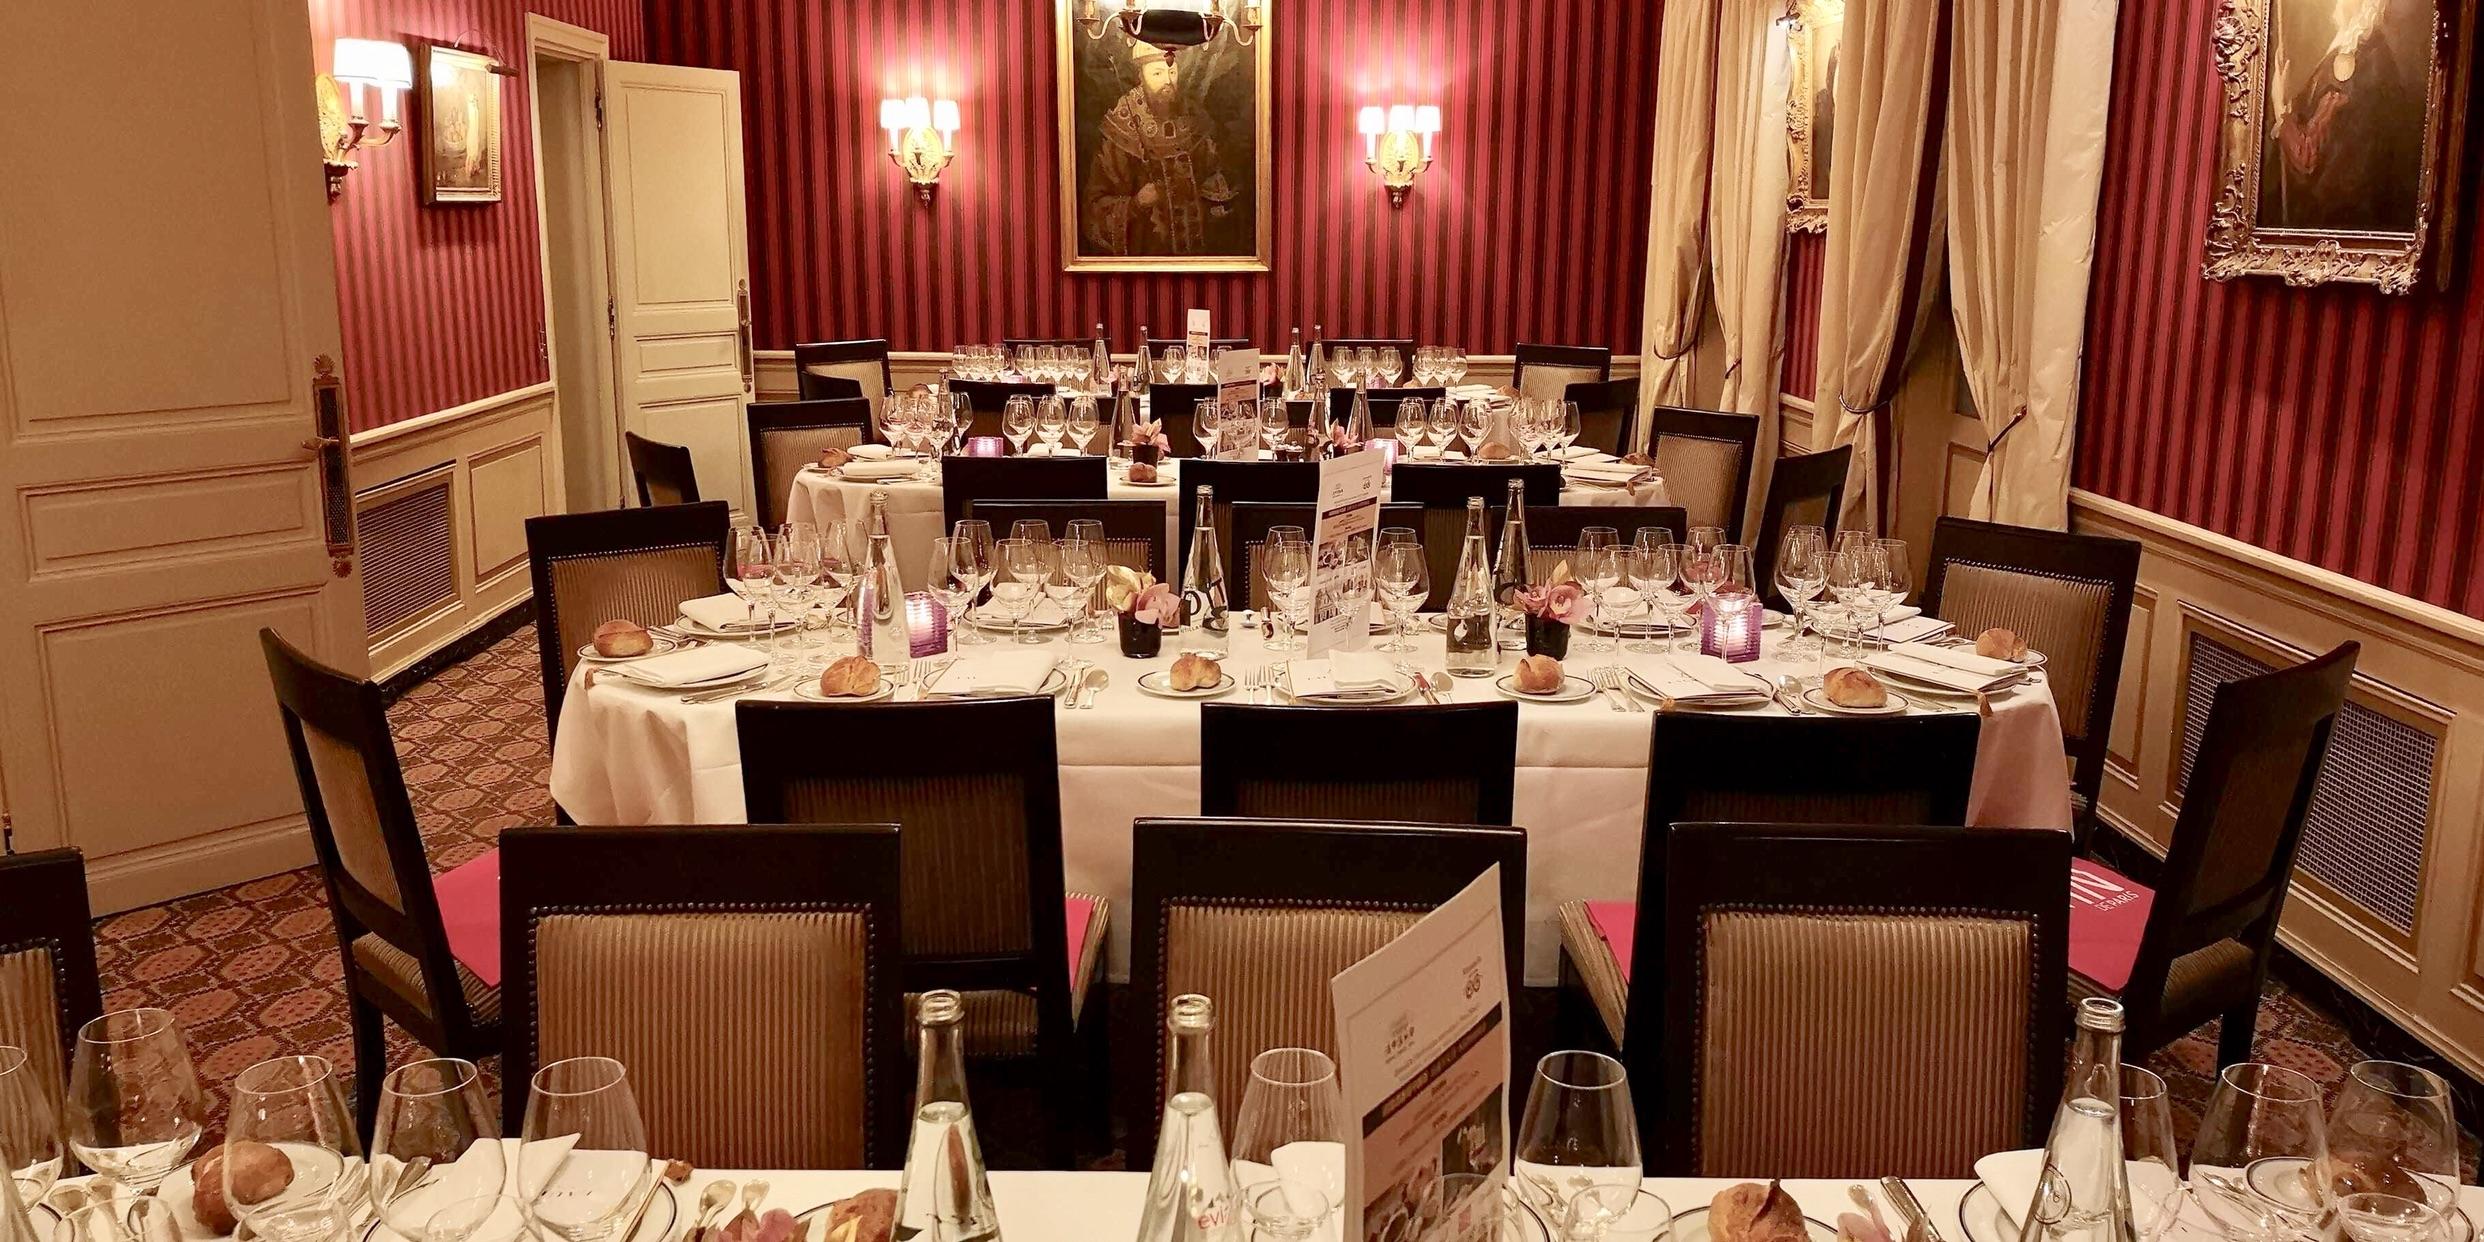 """【巴黎探店#17】洛朗餐厅,政客名流的""""食堂"""""""